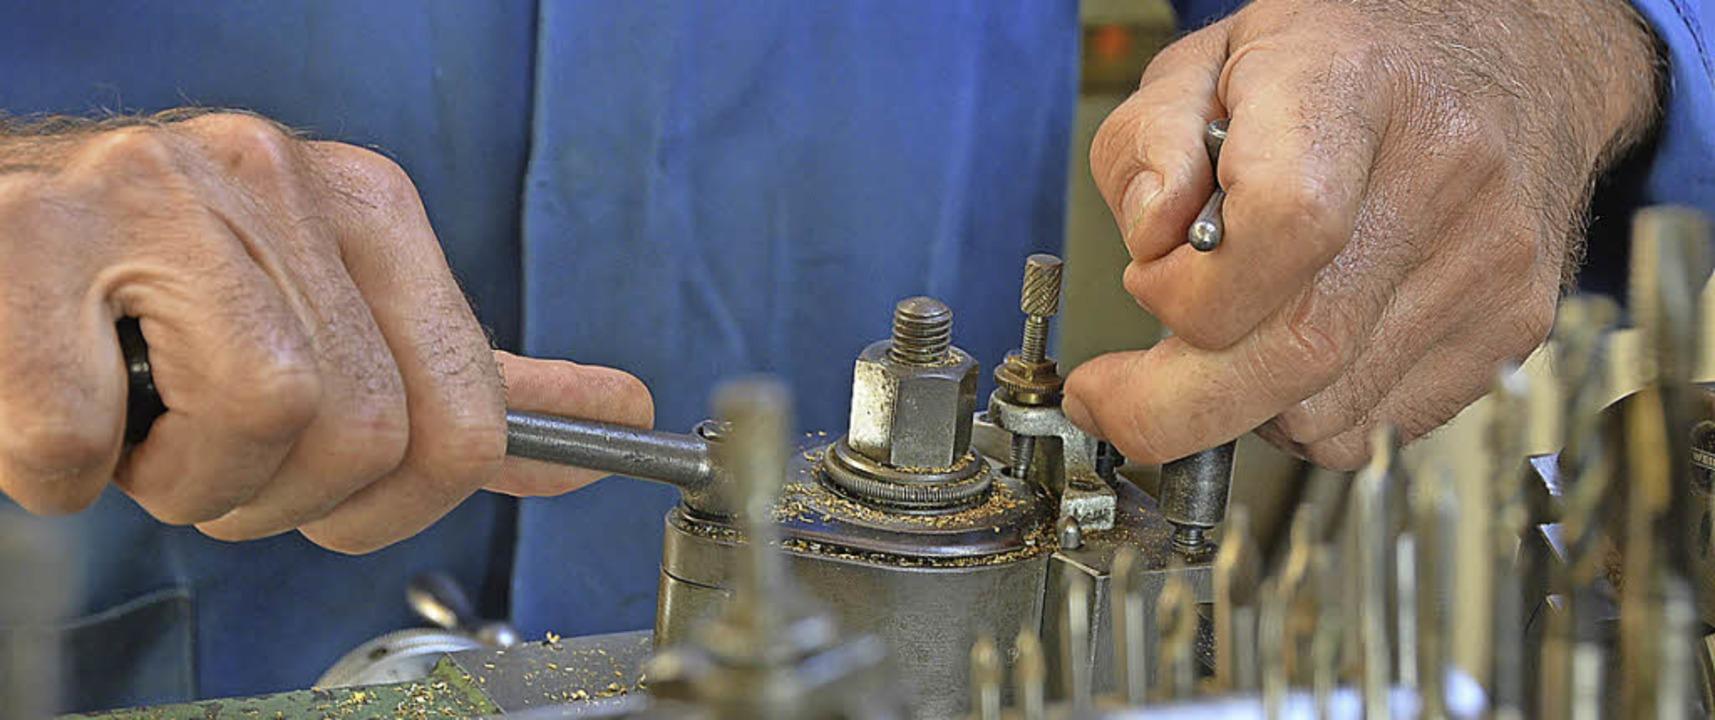 Harald Haas aus Denzlingen  ist stolz ... Stunden Handarbeit restauriert hat.      Foto: Max Schuler